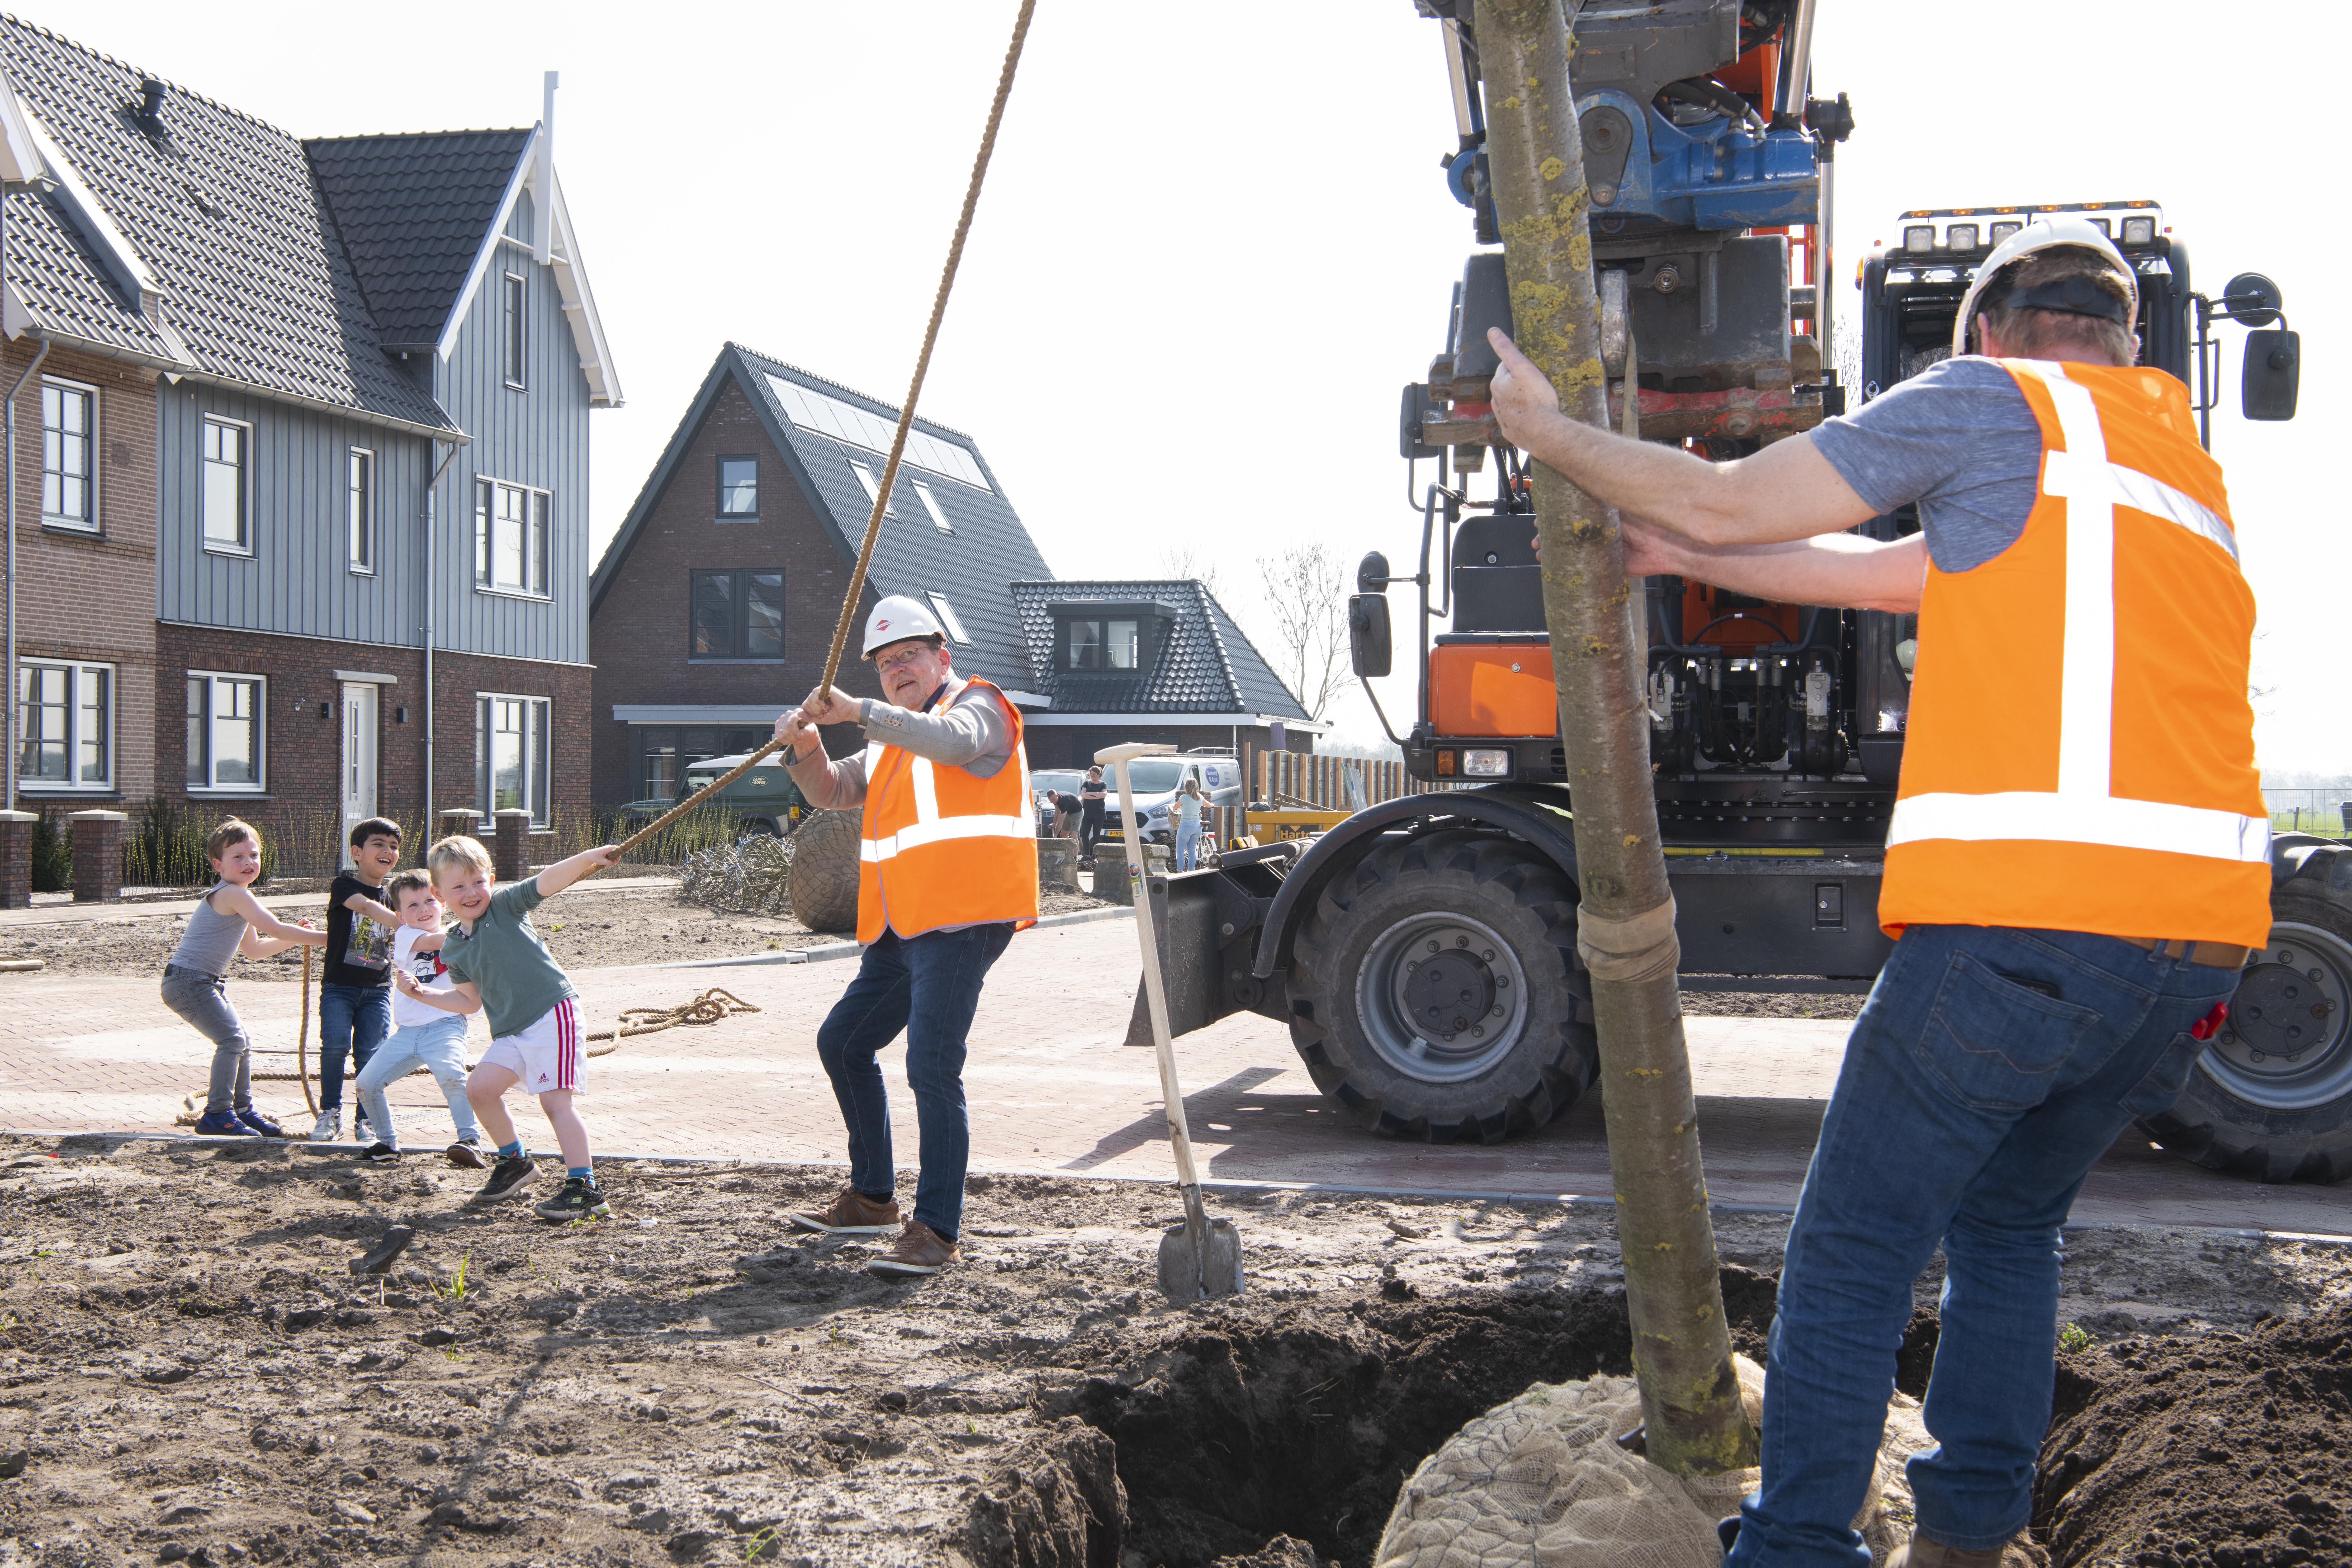 Kinderen planten samen wethouder eerste boom in Van Wijkplantsoen